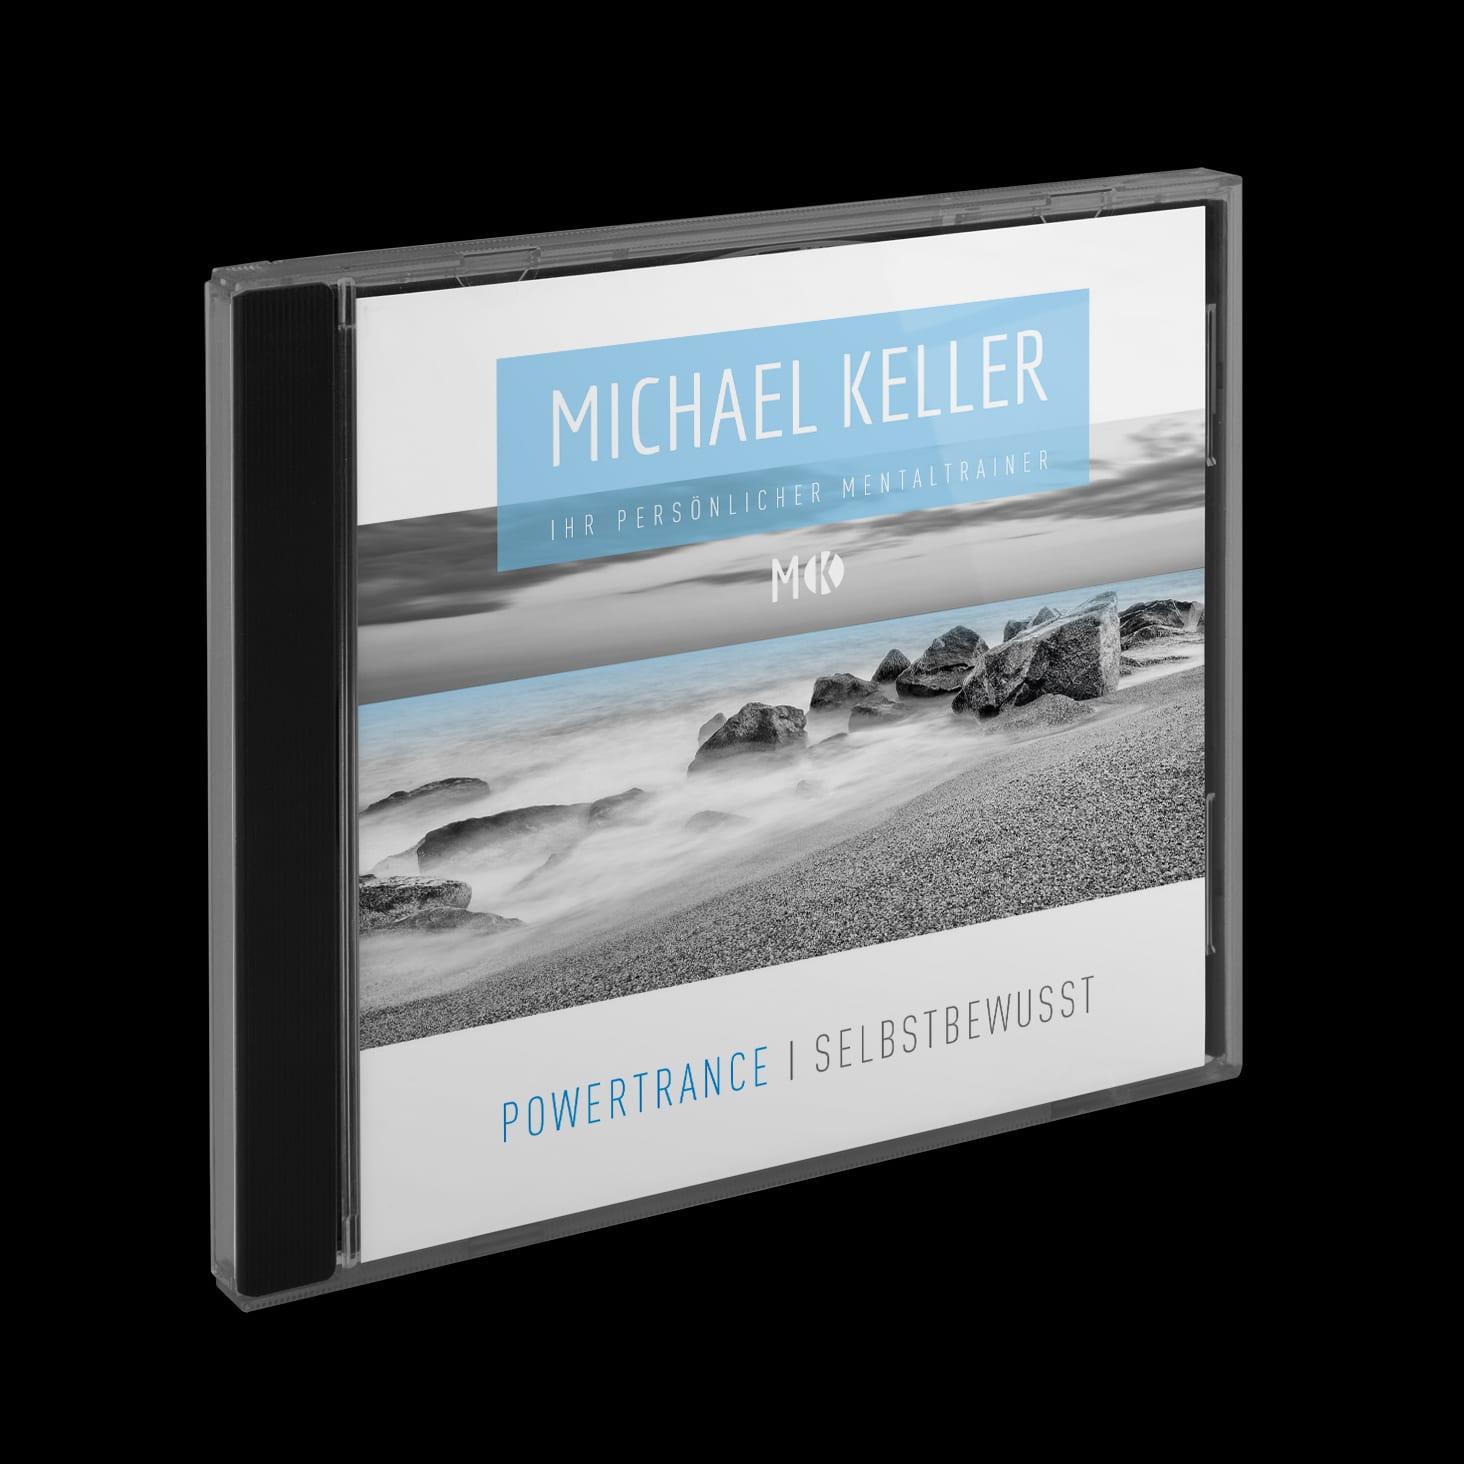 cd_cover_michael_keller